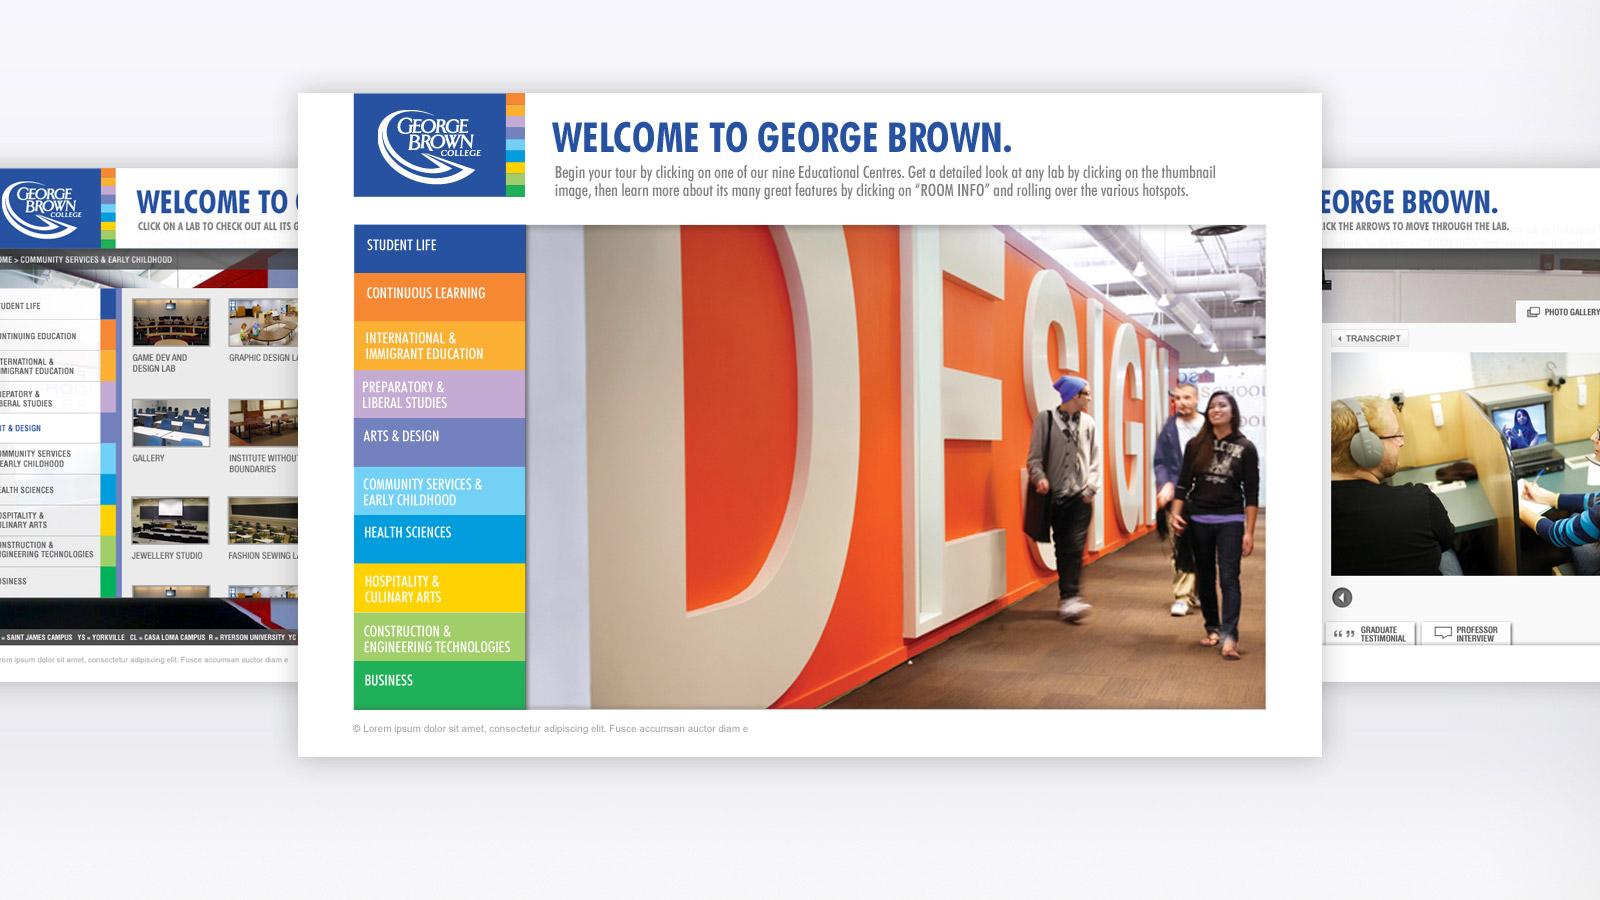 George Brown College   Refonte du site web   Conception de sites web, Développement de site web, Développement d'application, Innovation numérique, Marketing numérique, Mobile, Production vidéo, Responsive Web Design, Stratégie